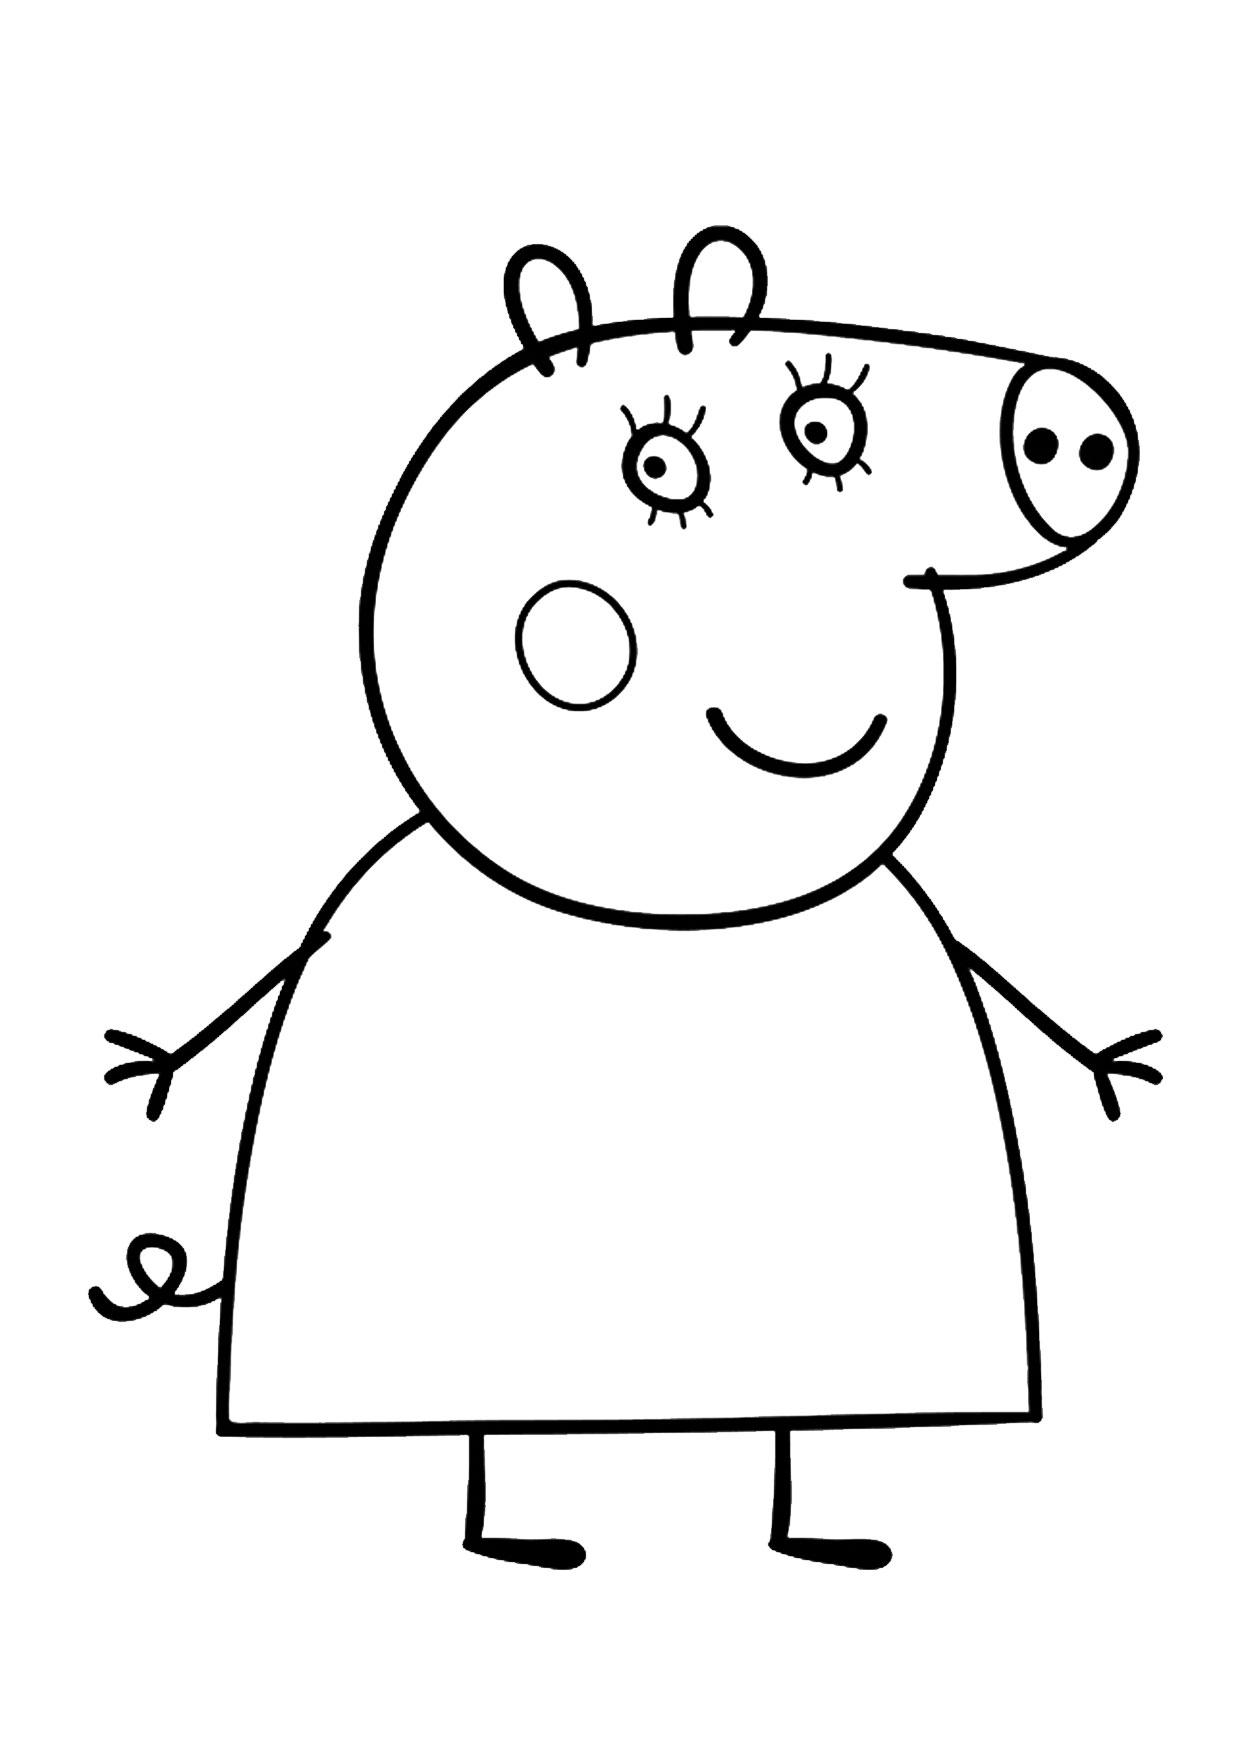 Disegno Peppa Pig da colorare 02